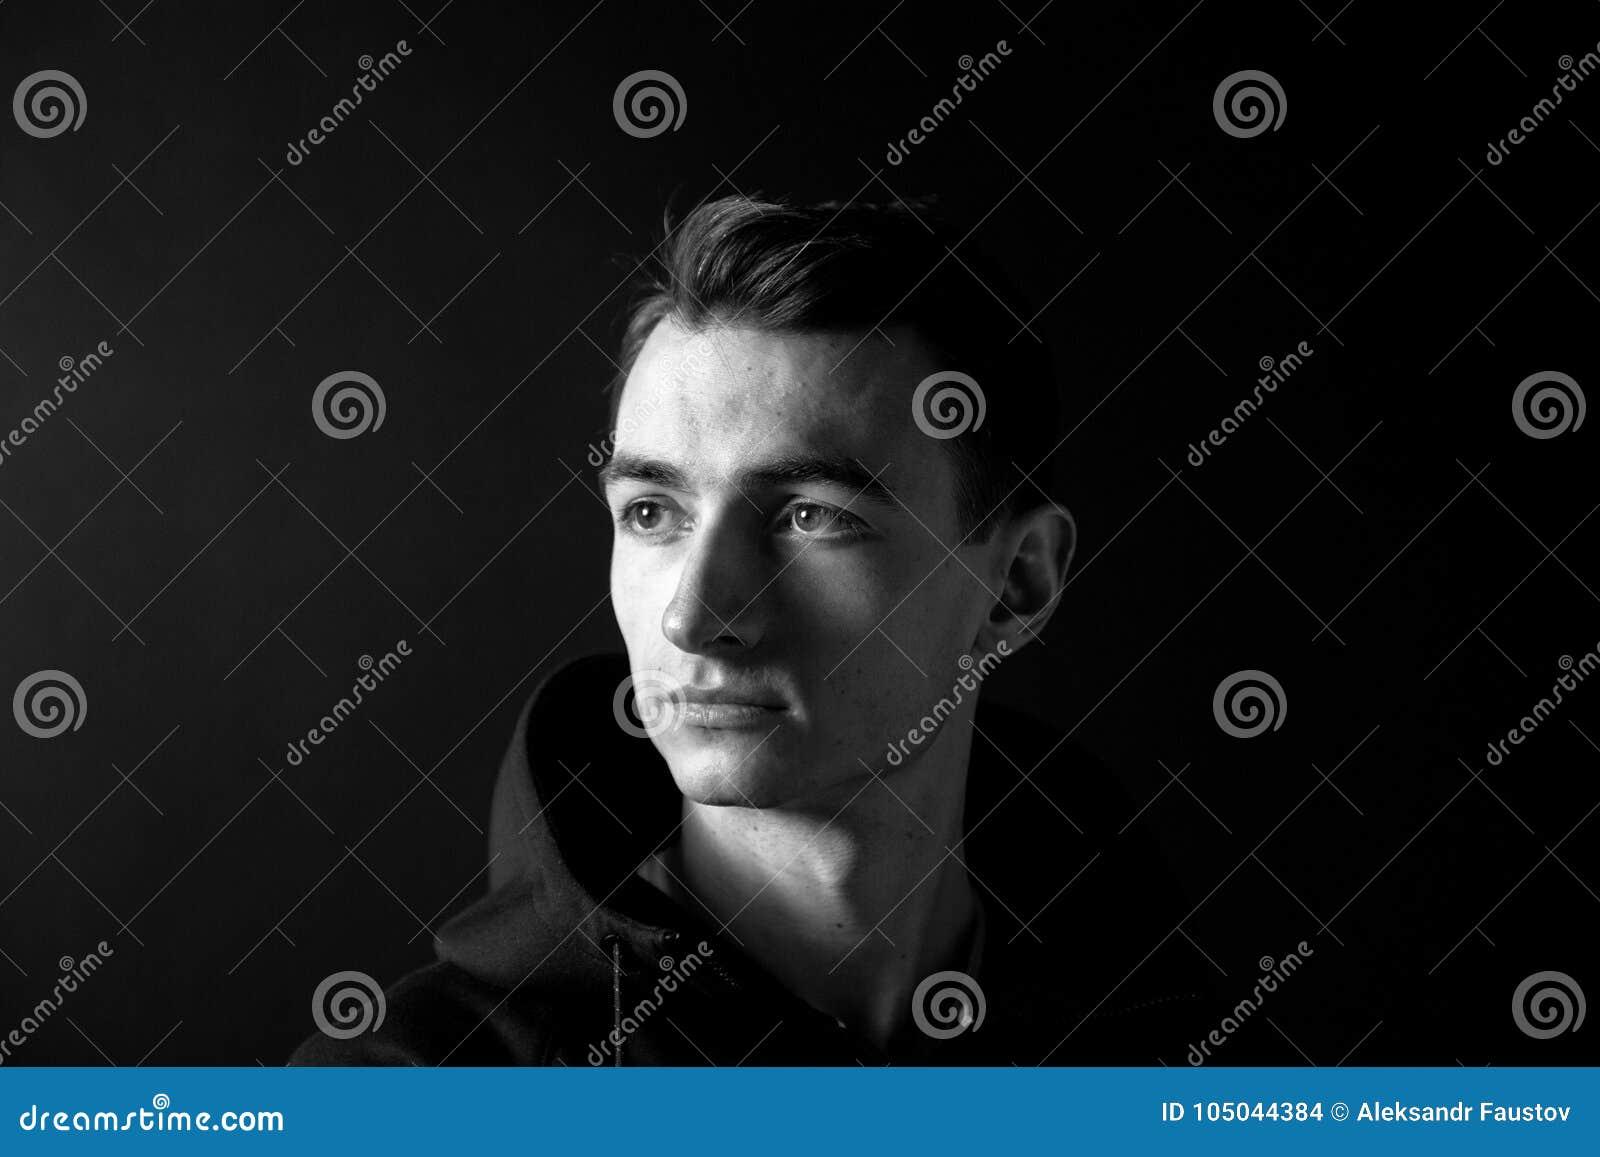 Svartvit stående av en ung man som ser till sidan, mot vanlig studiobakgrund